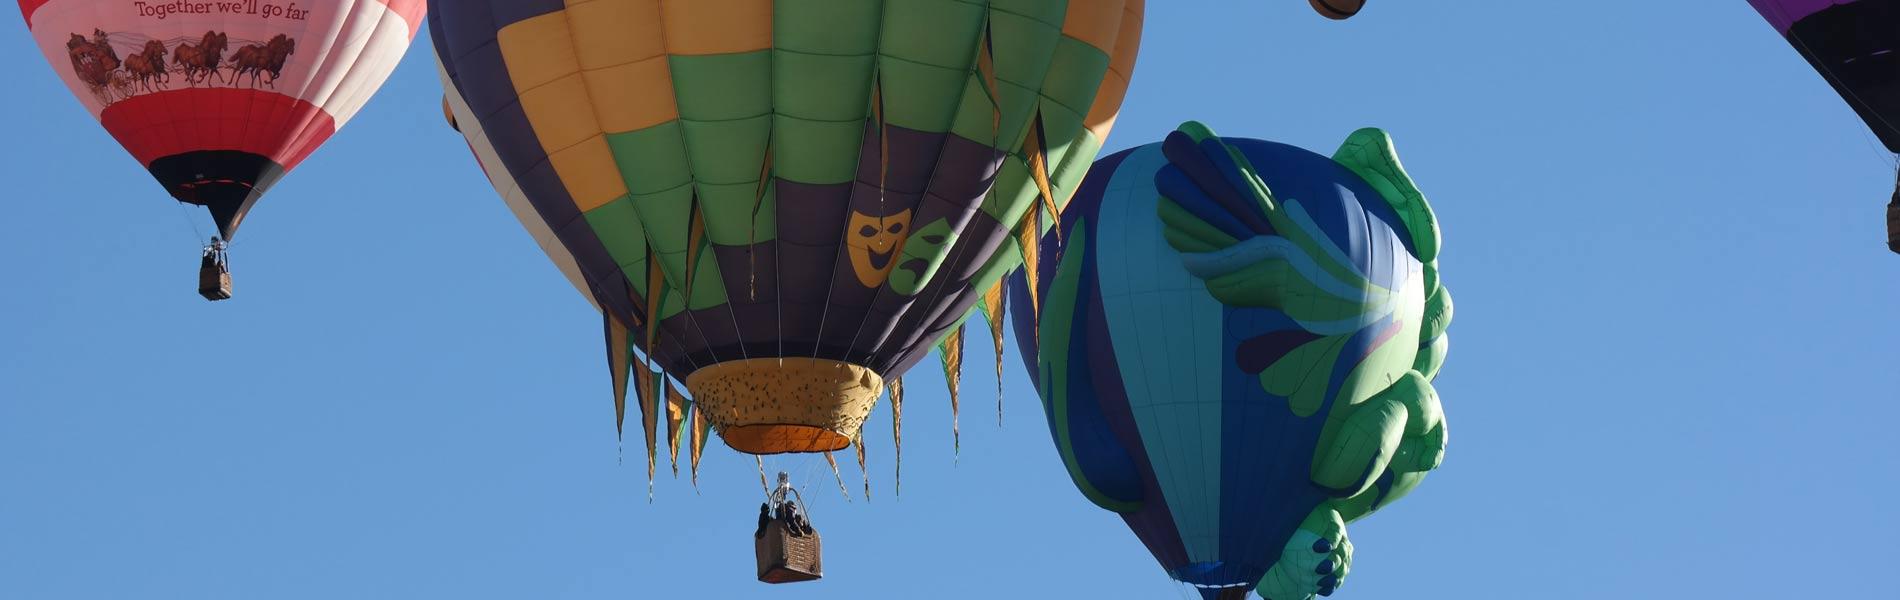 Ballon-Slide-C